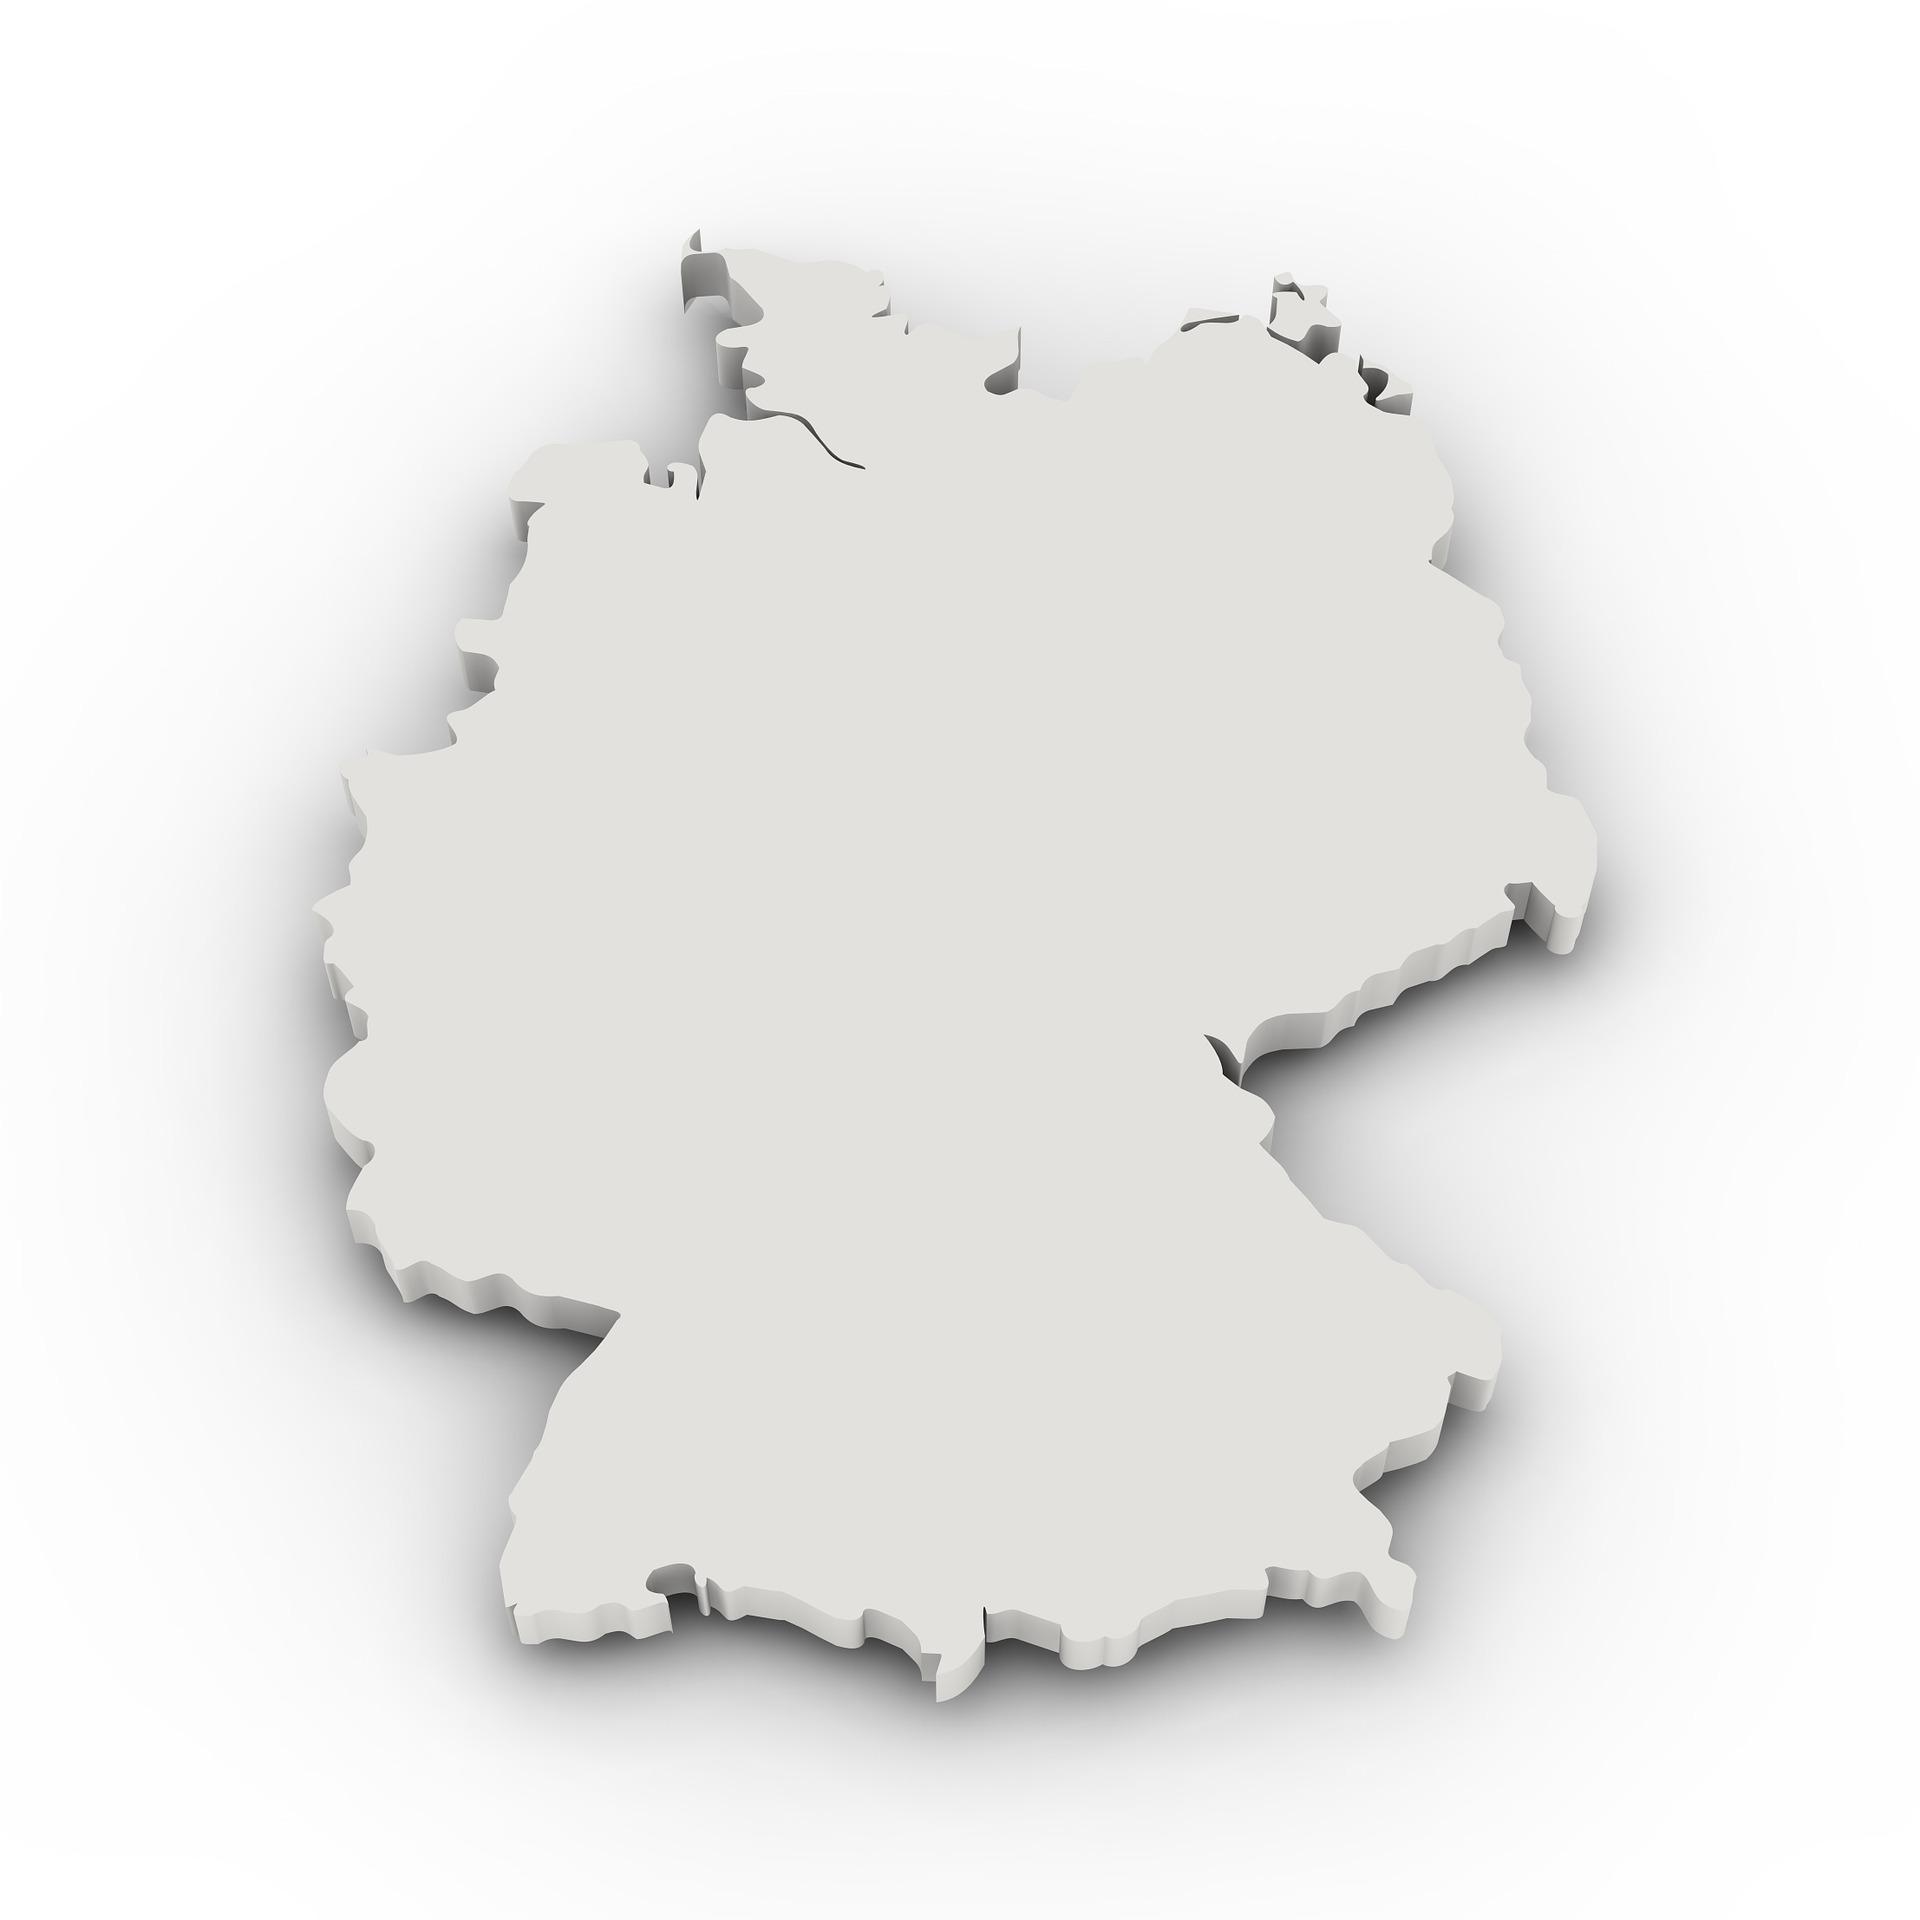 HAVAU Hausverwaltung - Standorte Deutschland